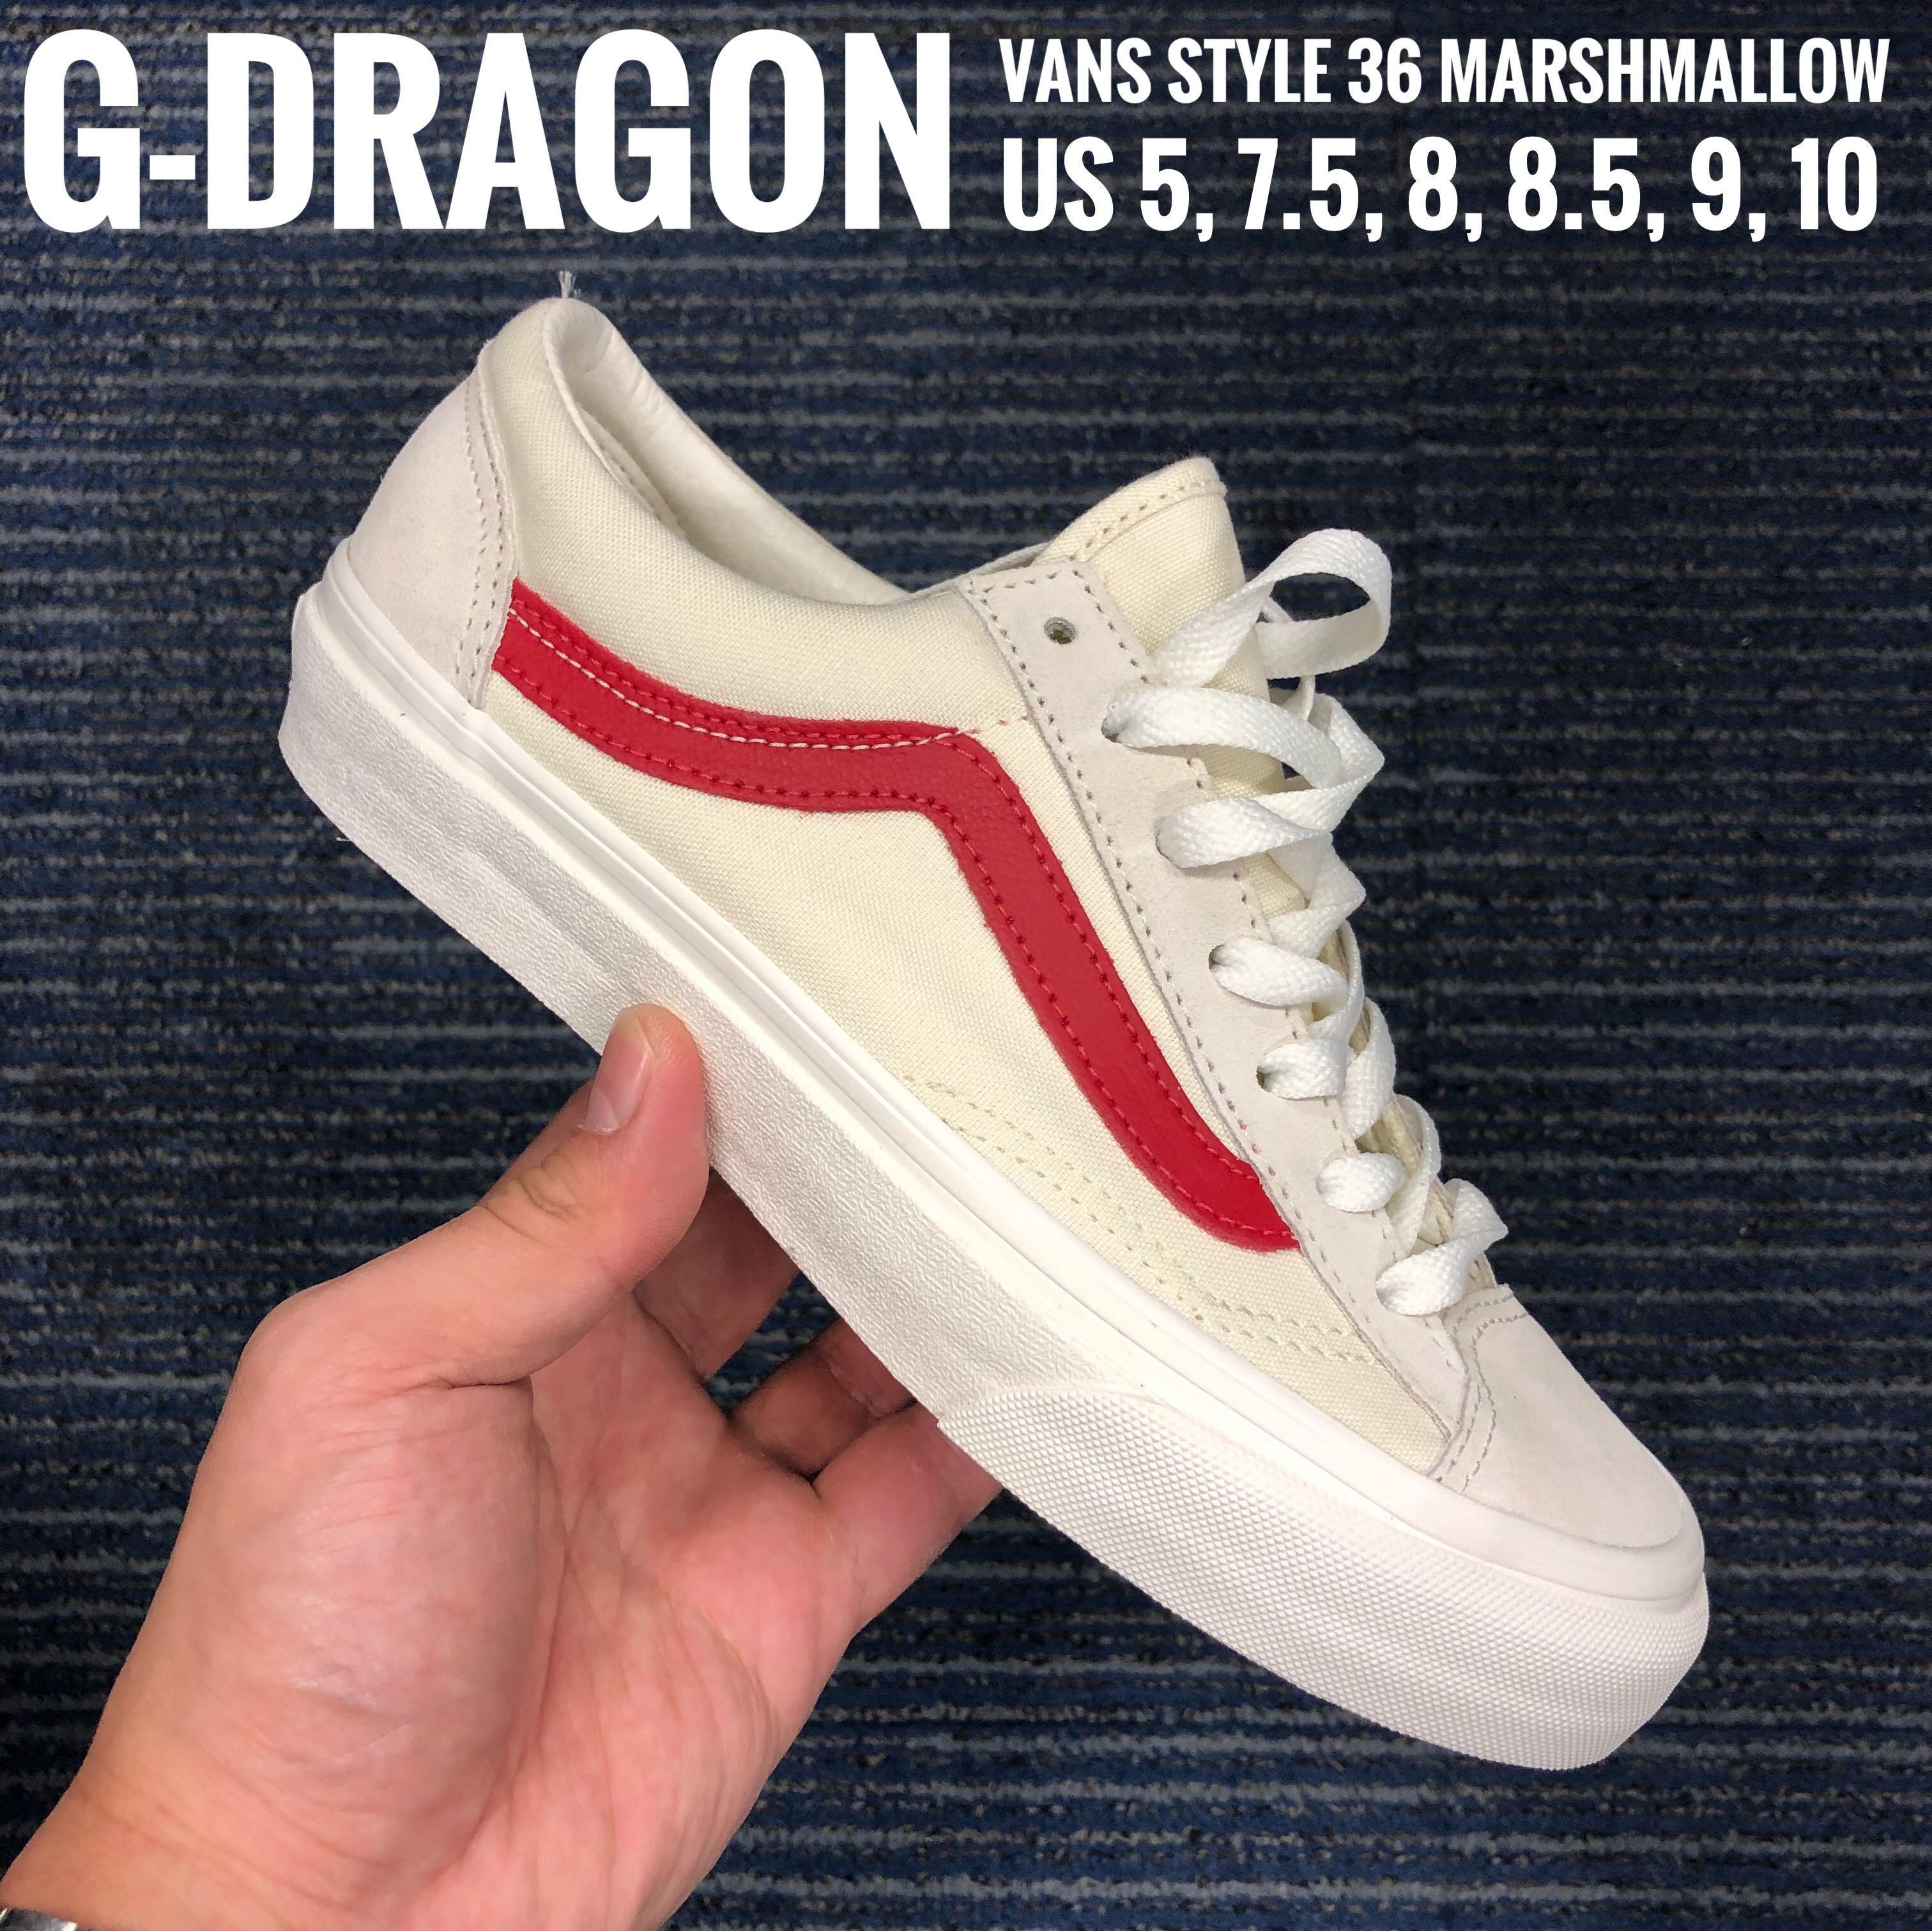 6ef6fd4c01a8dd G Dragon Vans Style 36 All Sizes